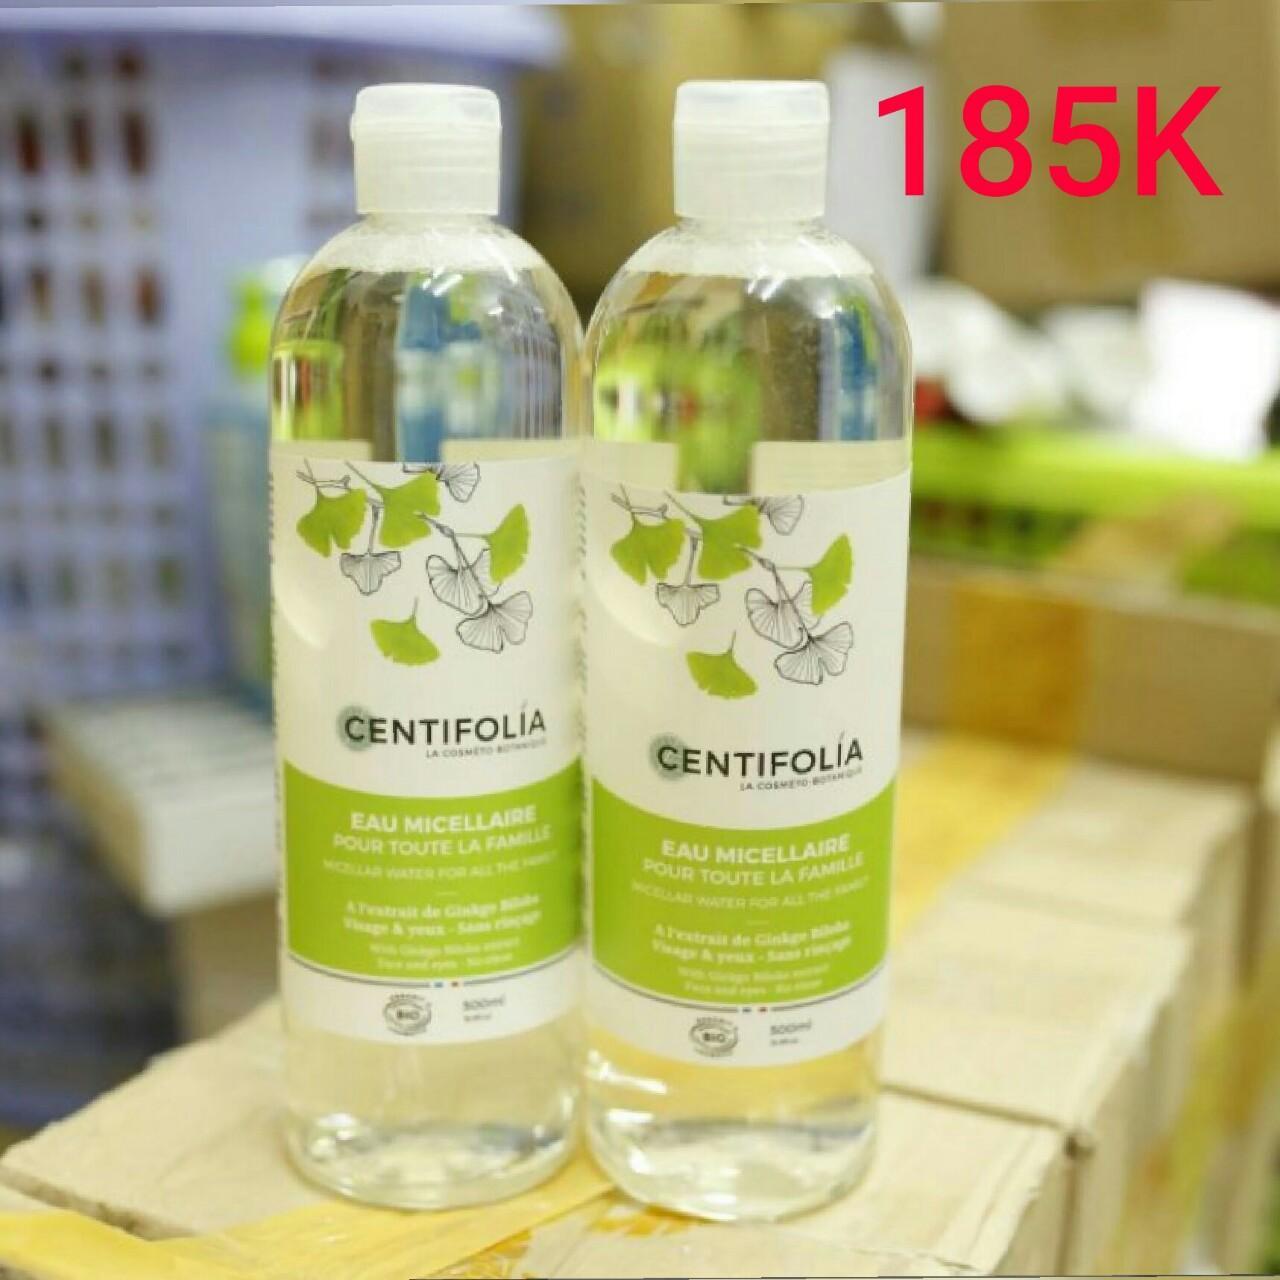 Hình ảnh Nước tẩy trang rau má Centifolia Micellaire Water Pháp 500ml